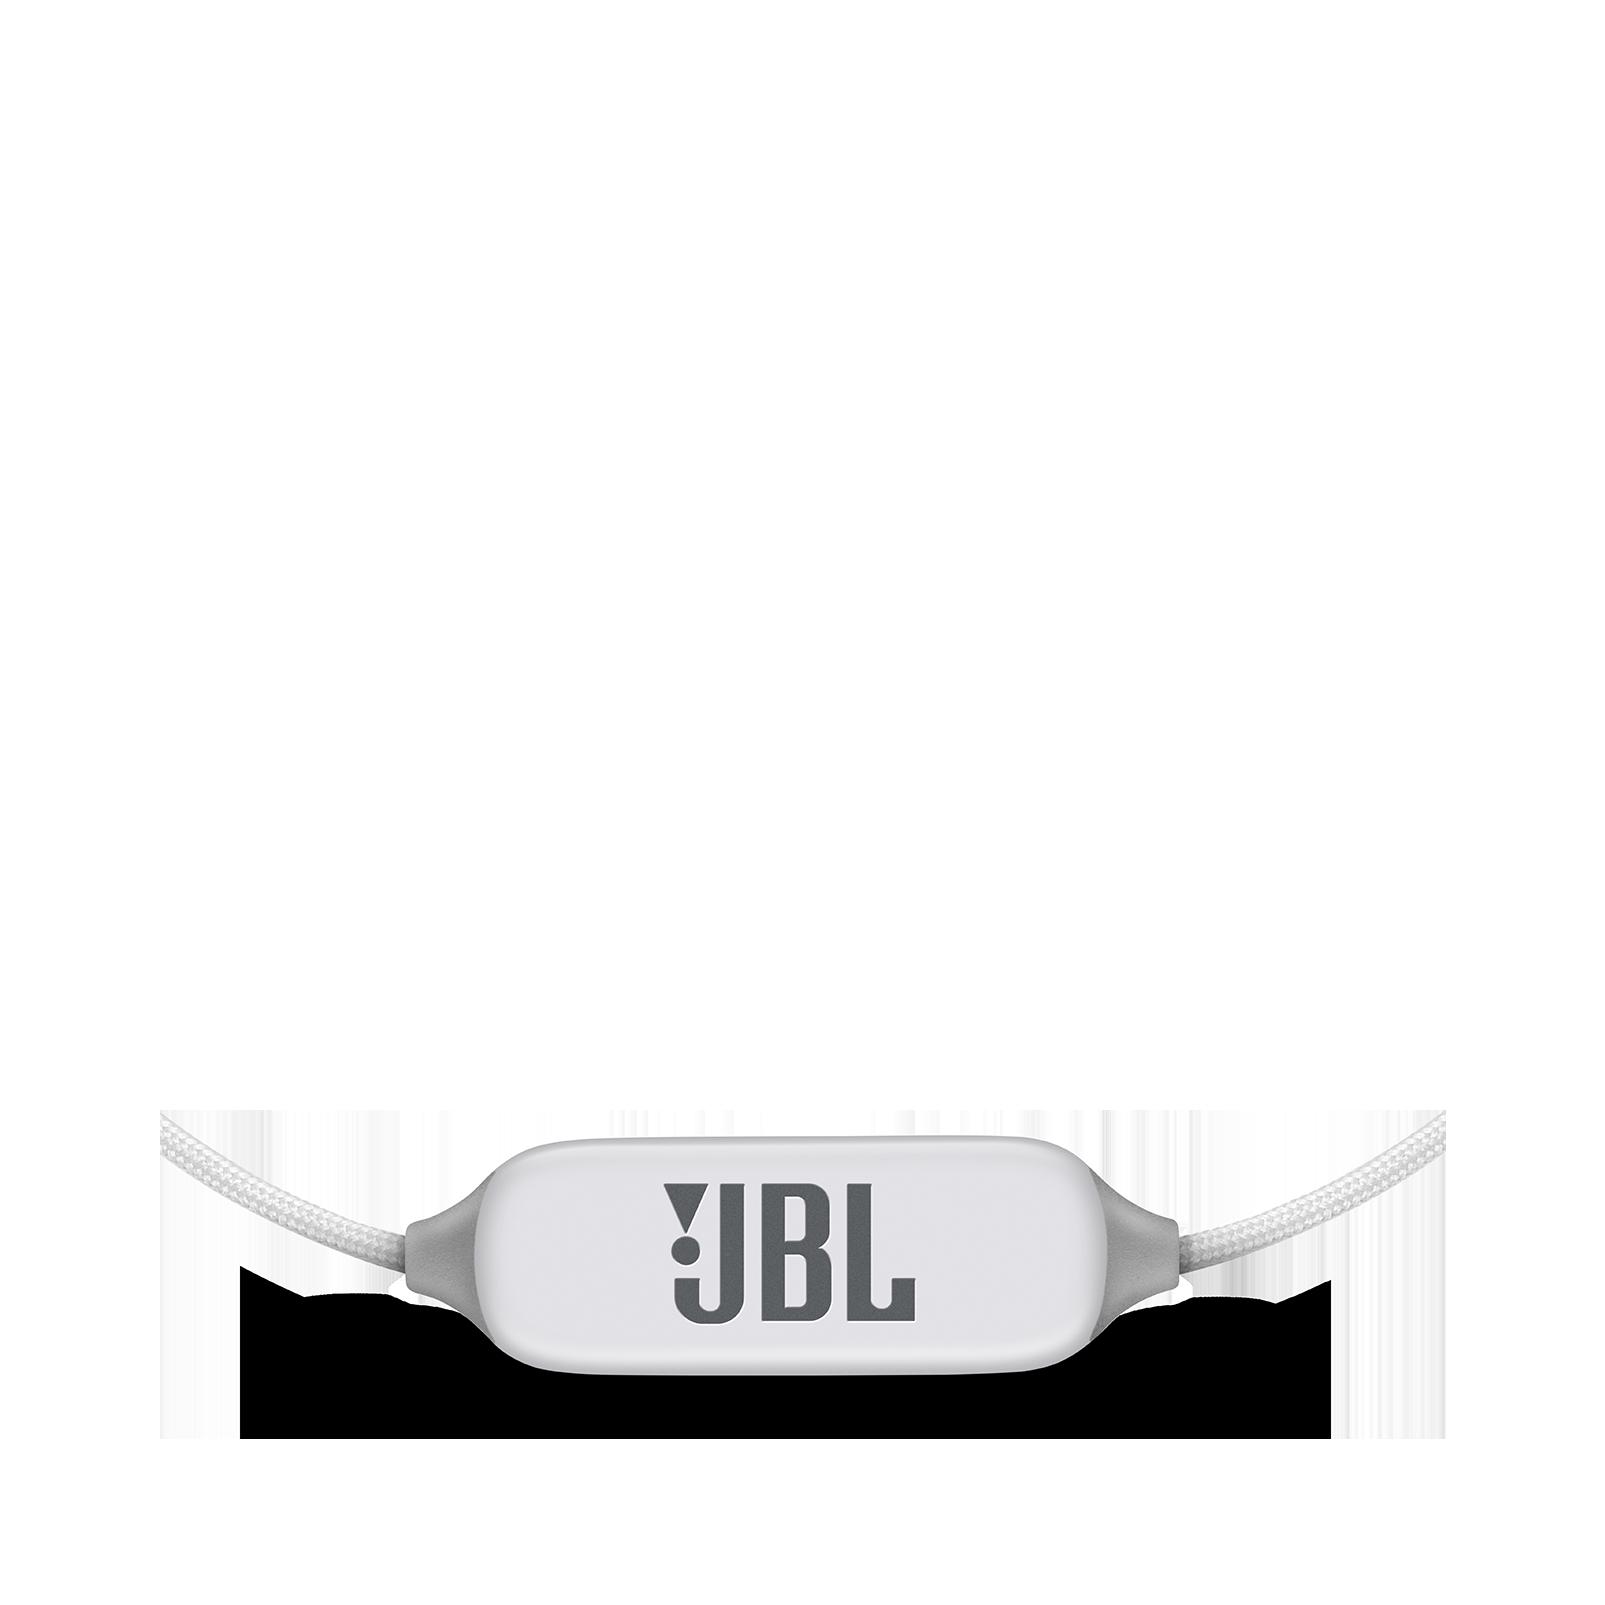 E25BT - White - Wireless in-ear headphones - Detailshot 3